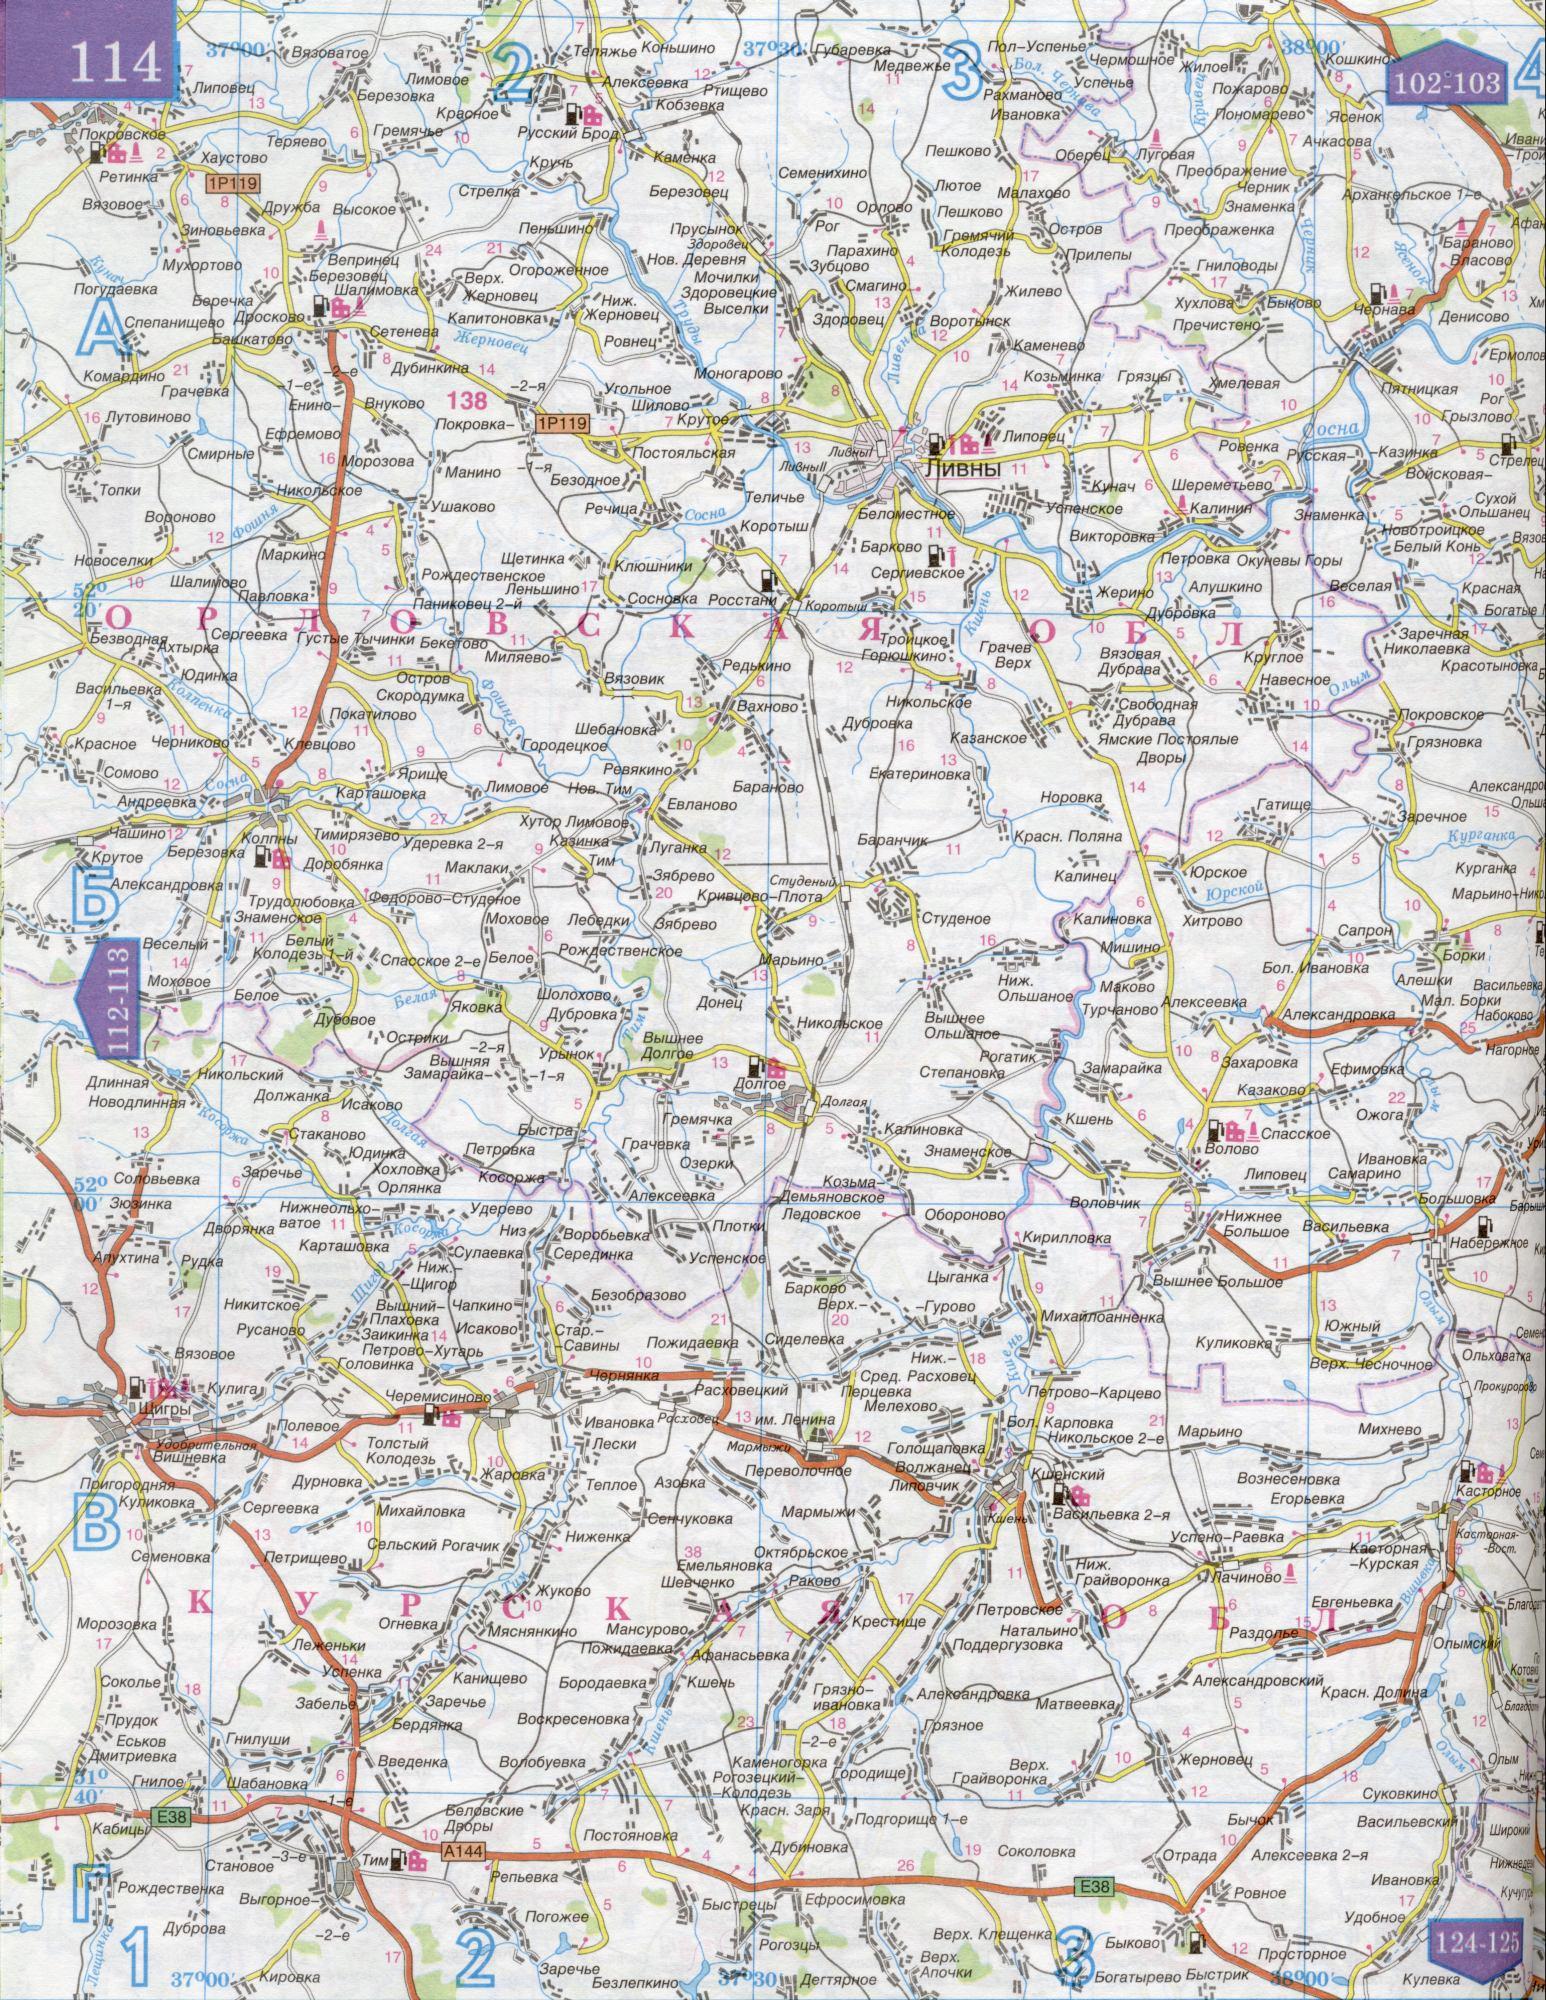 Карта Воронежской области 1см = 5км. Карта автомобильных ...